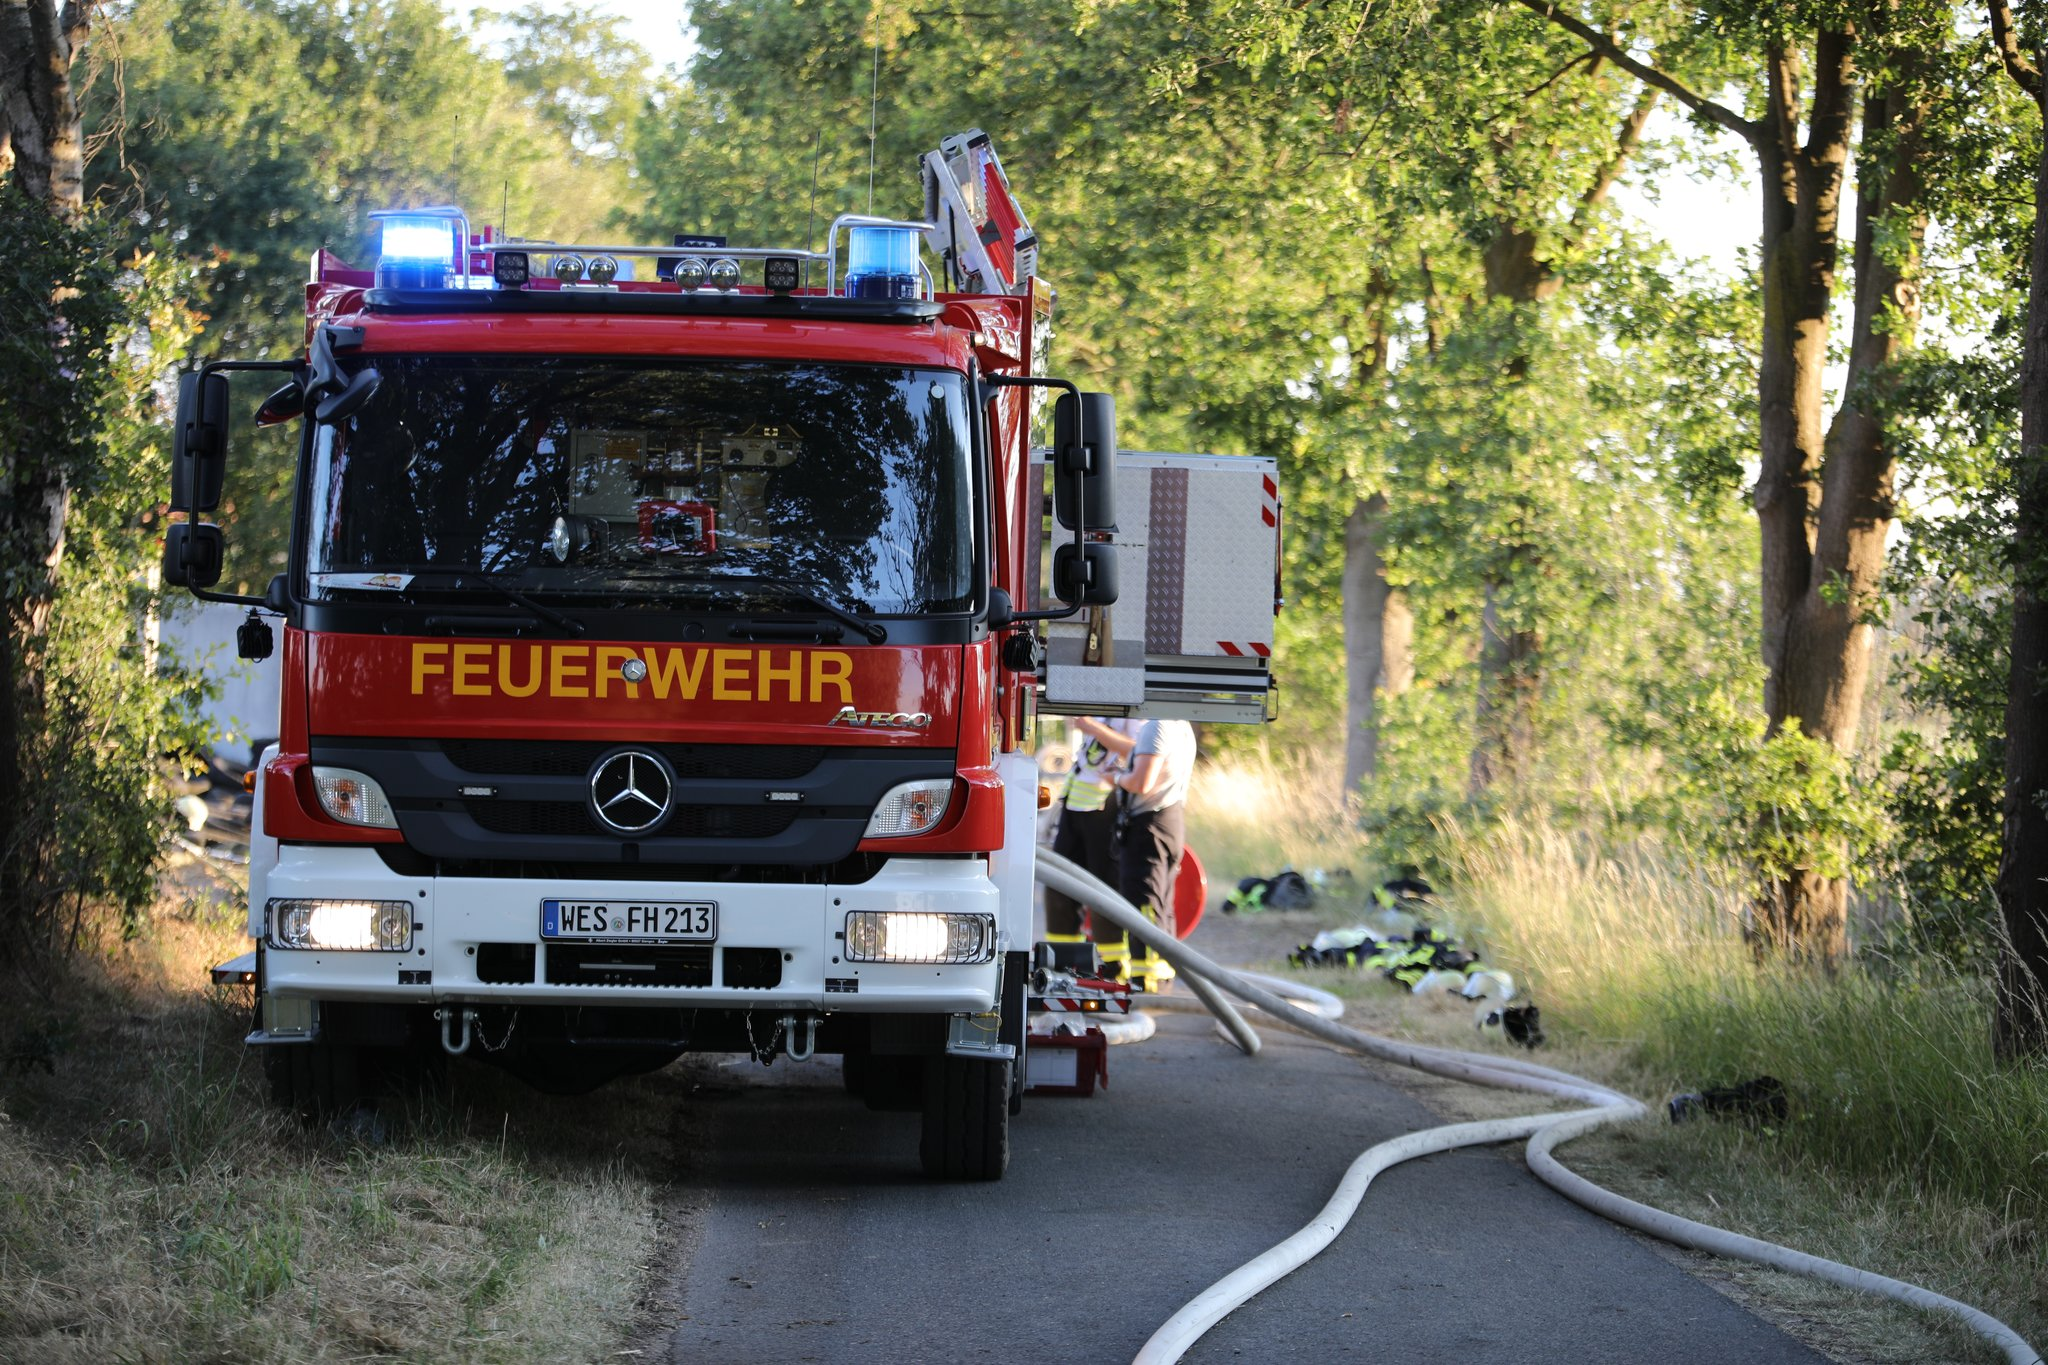 Zwei Brände - Polizei sucht Zeugen: Brandstiftung 100.000 Euro Schaden auf Bauernhof - Lokalkompass.de